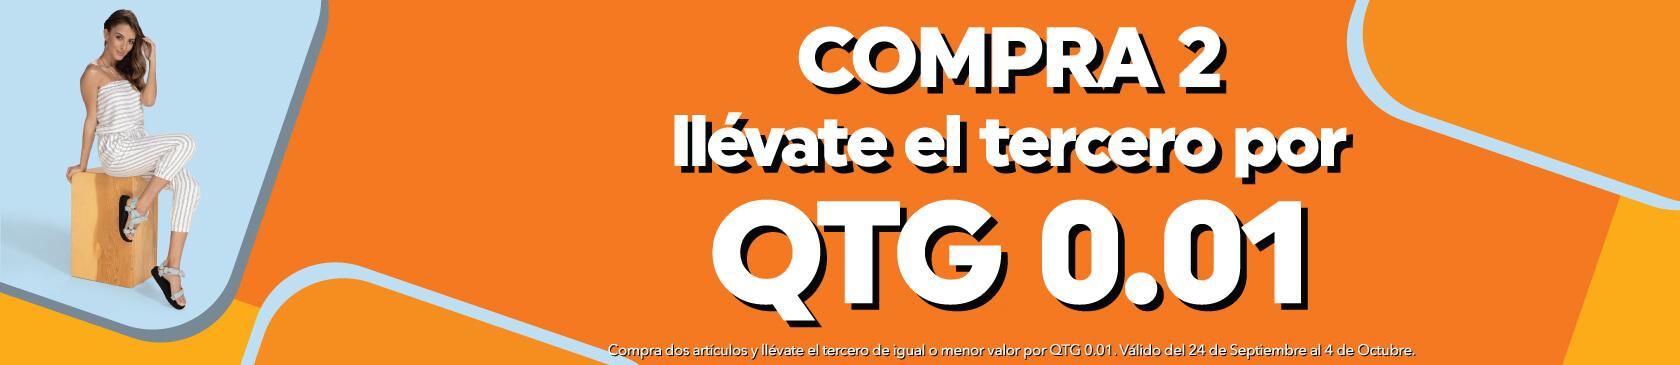 Compra 2 y llévate el tercero por QTG $0.01